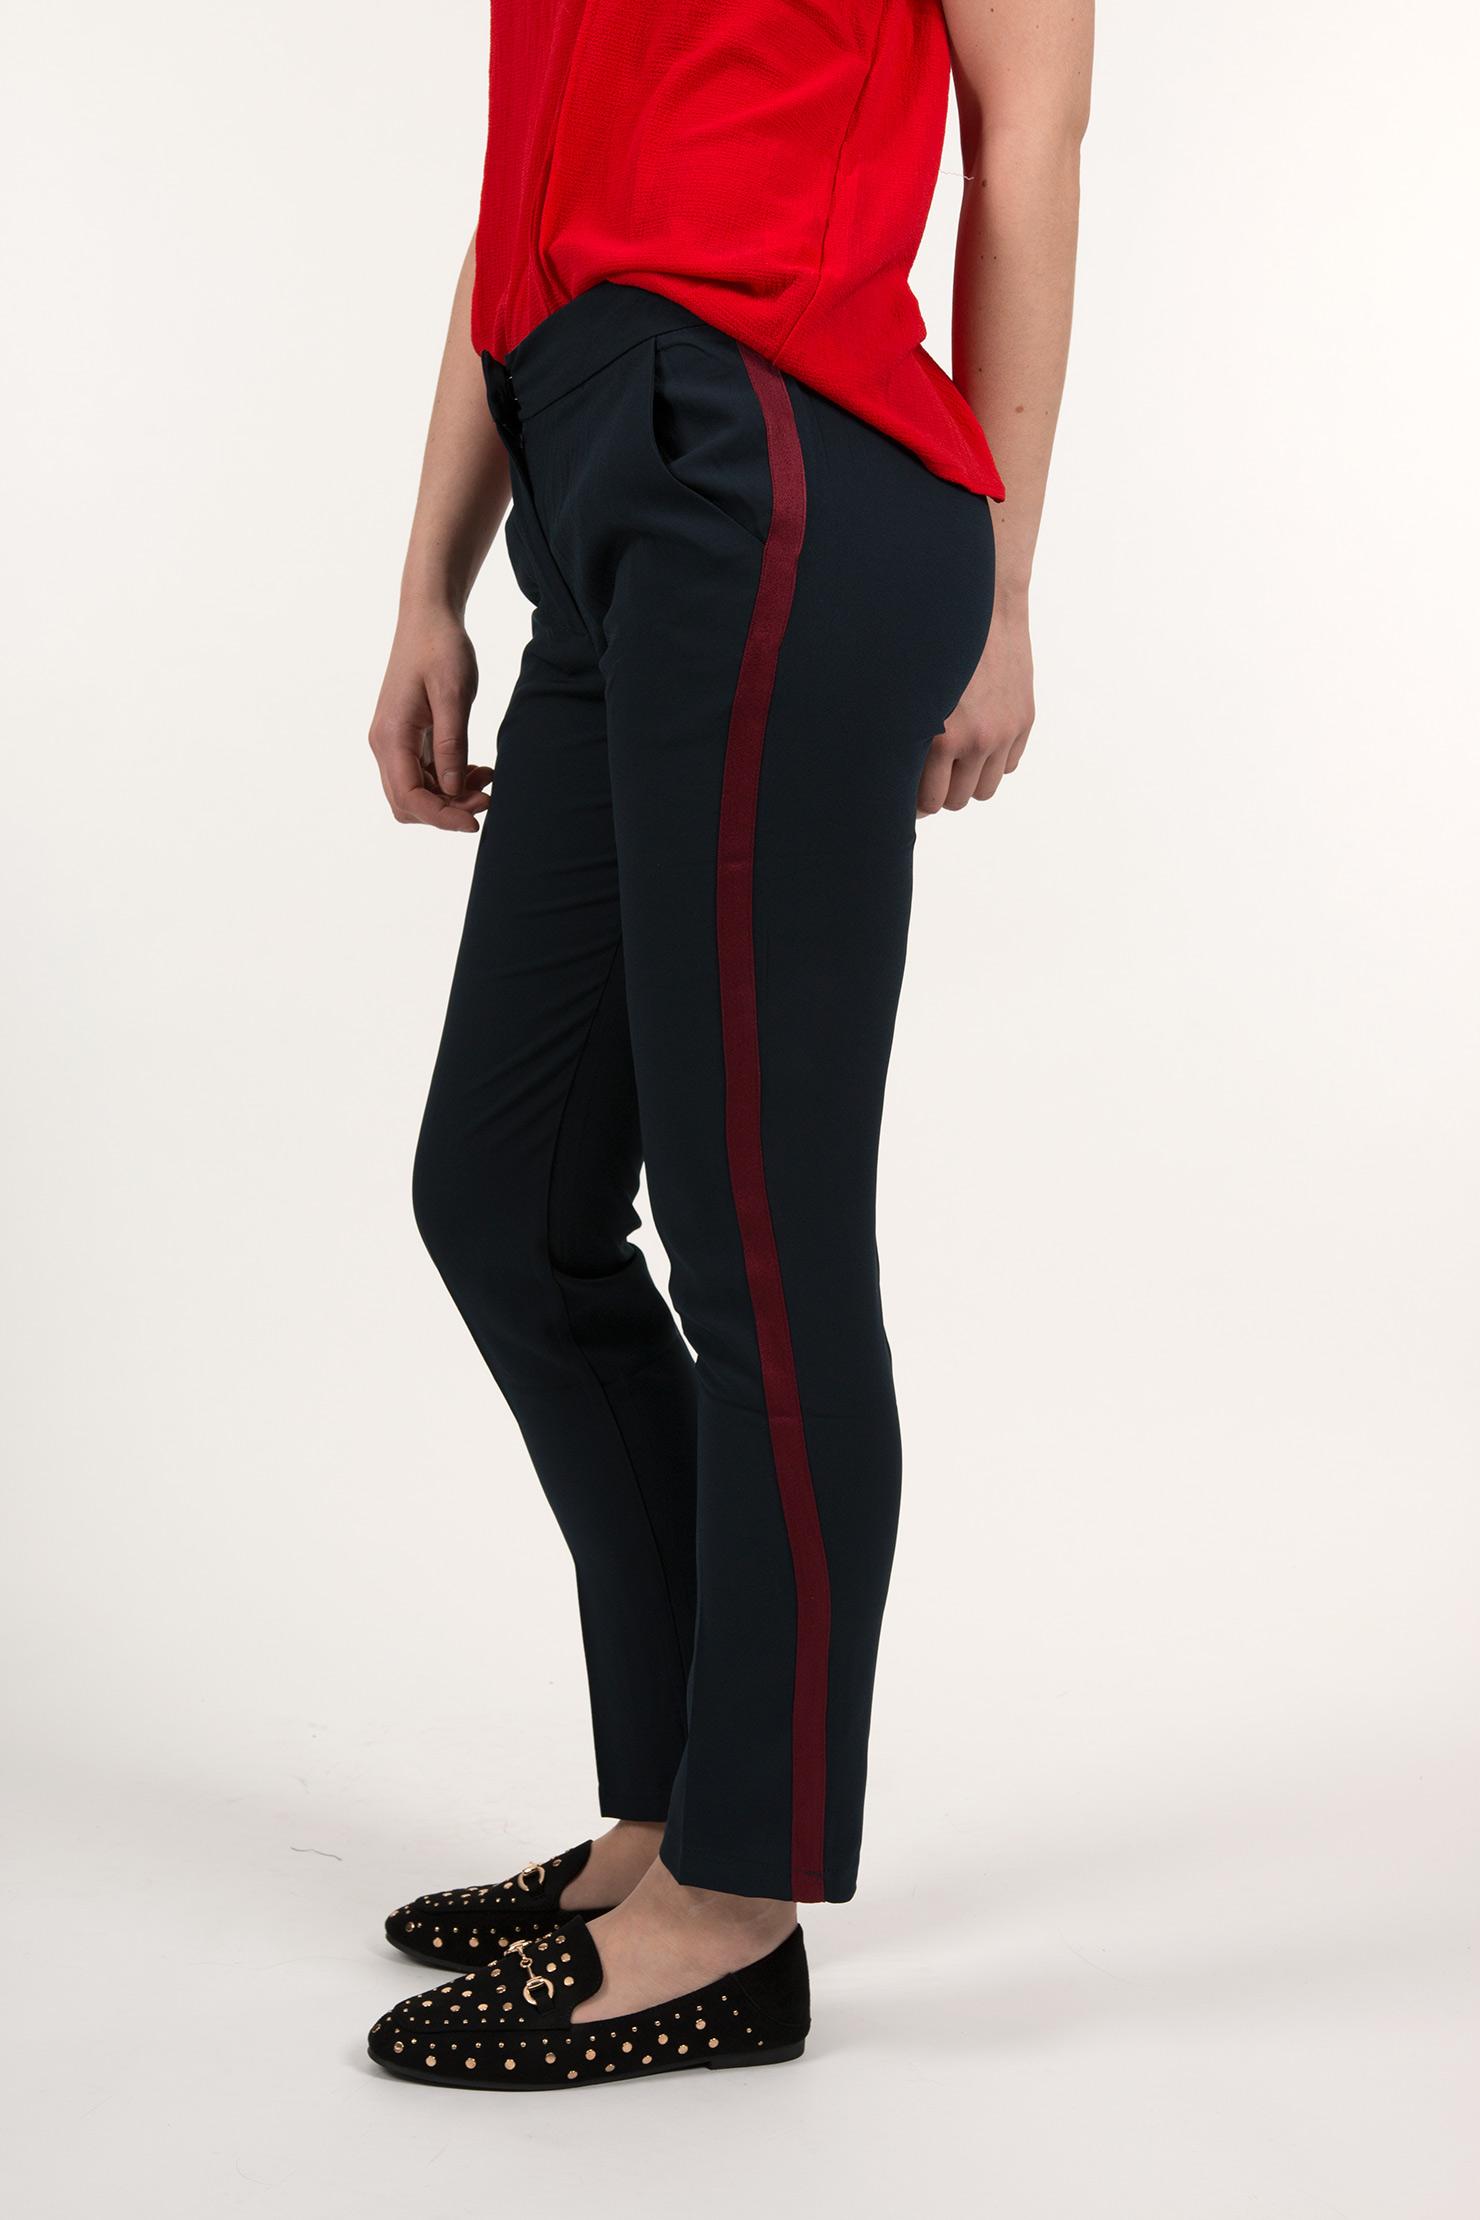 nouveau produit 5da35 9a2f8 Pantalon PIERROT red Muse Paris - Nowe-Store.com